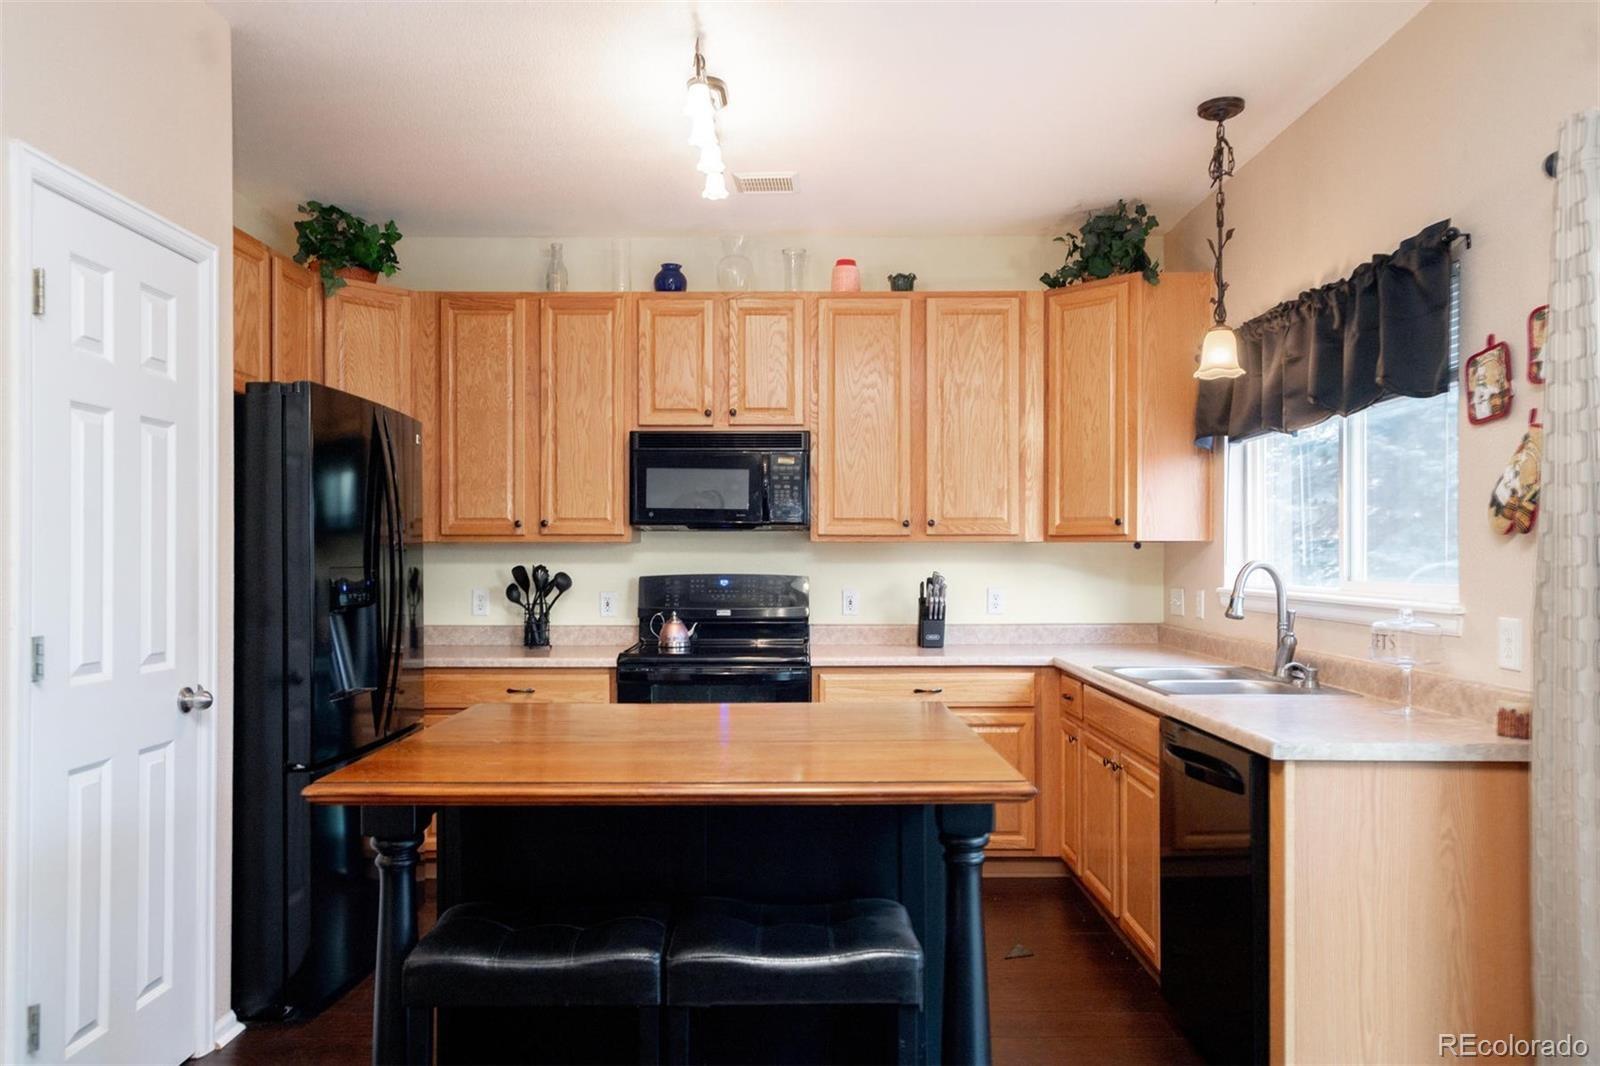 MLS# 8142011 - 13 - 19342 E 58th Place, Aurora, CO 80019